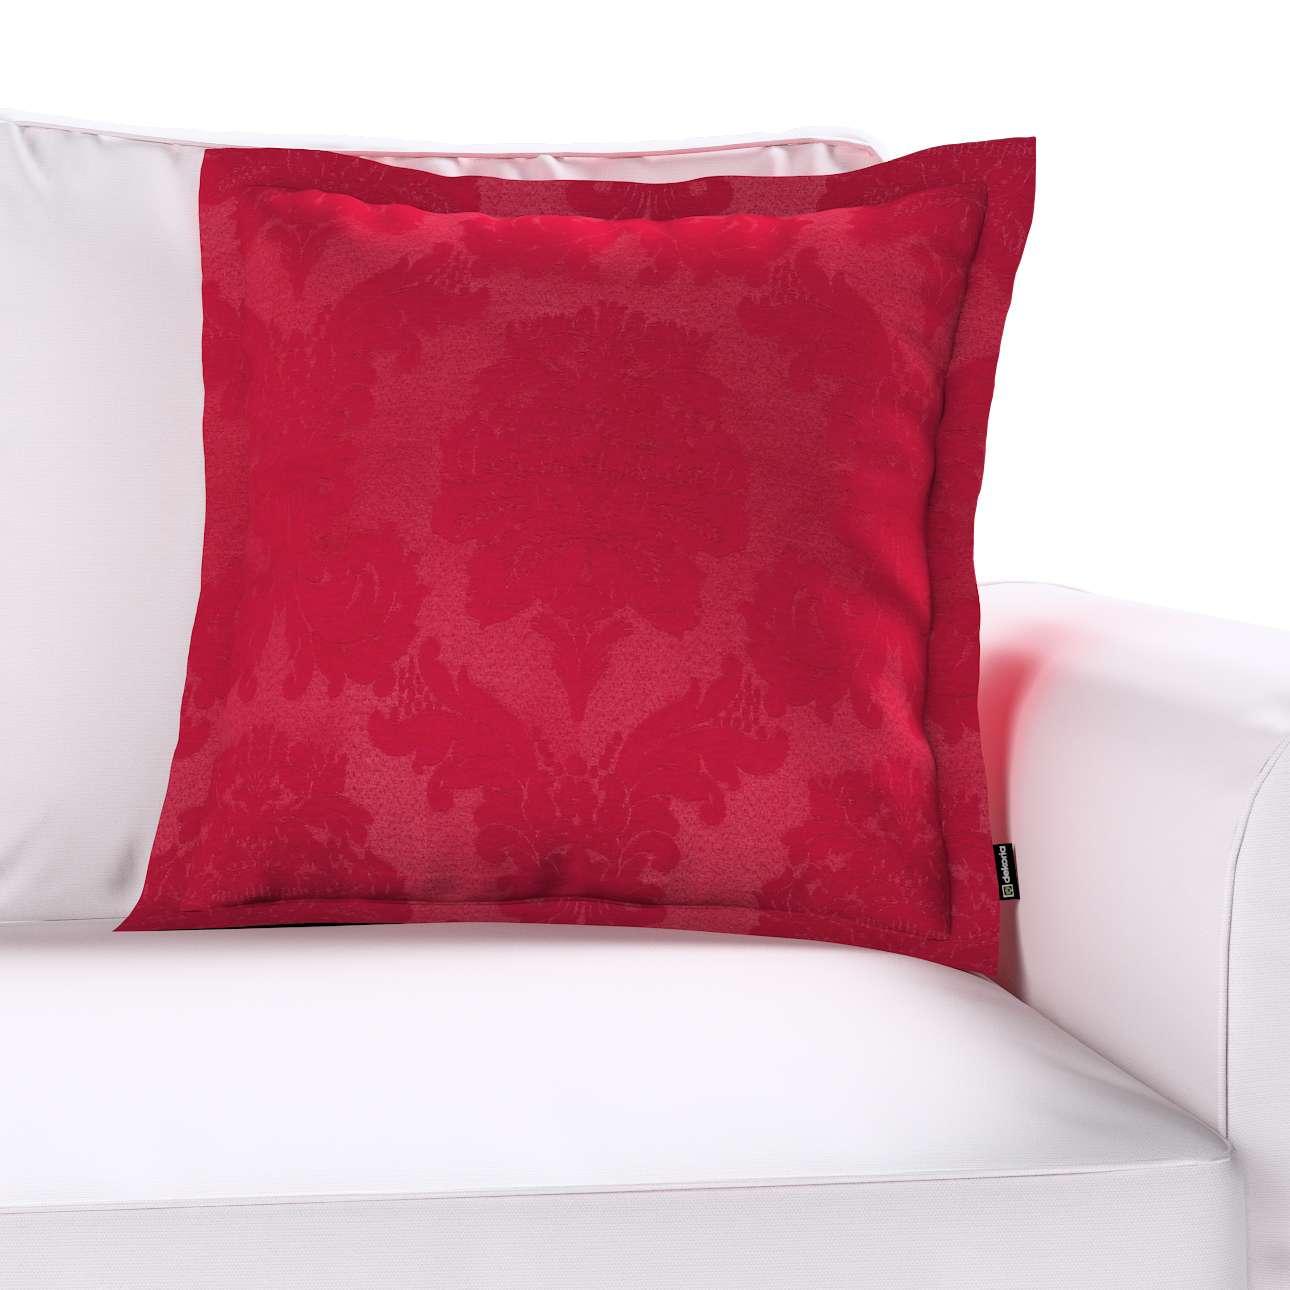 Poszewka Mona na poduszkę w kolekcji Damasco, tkanina: 613-13